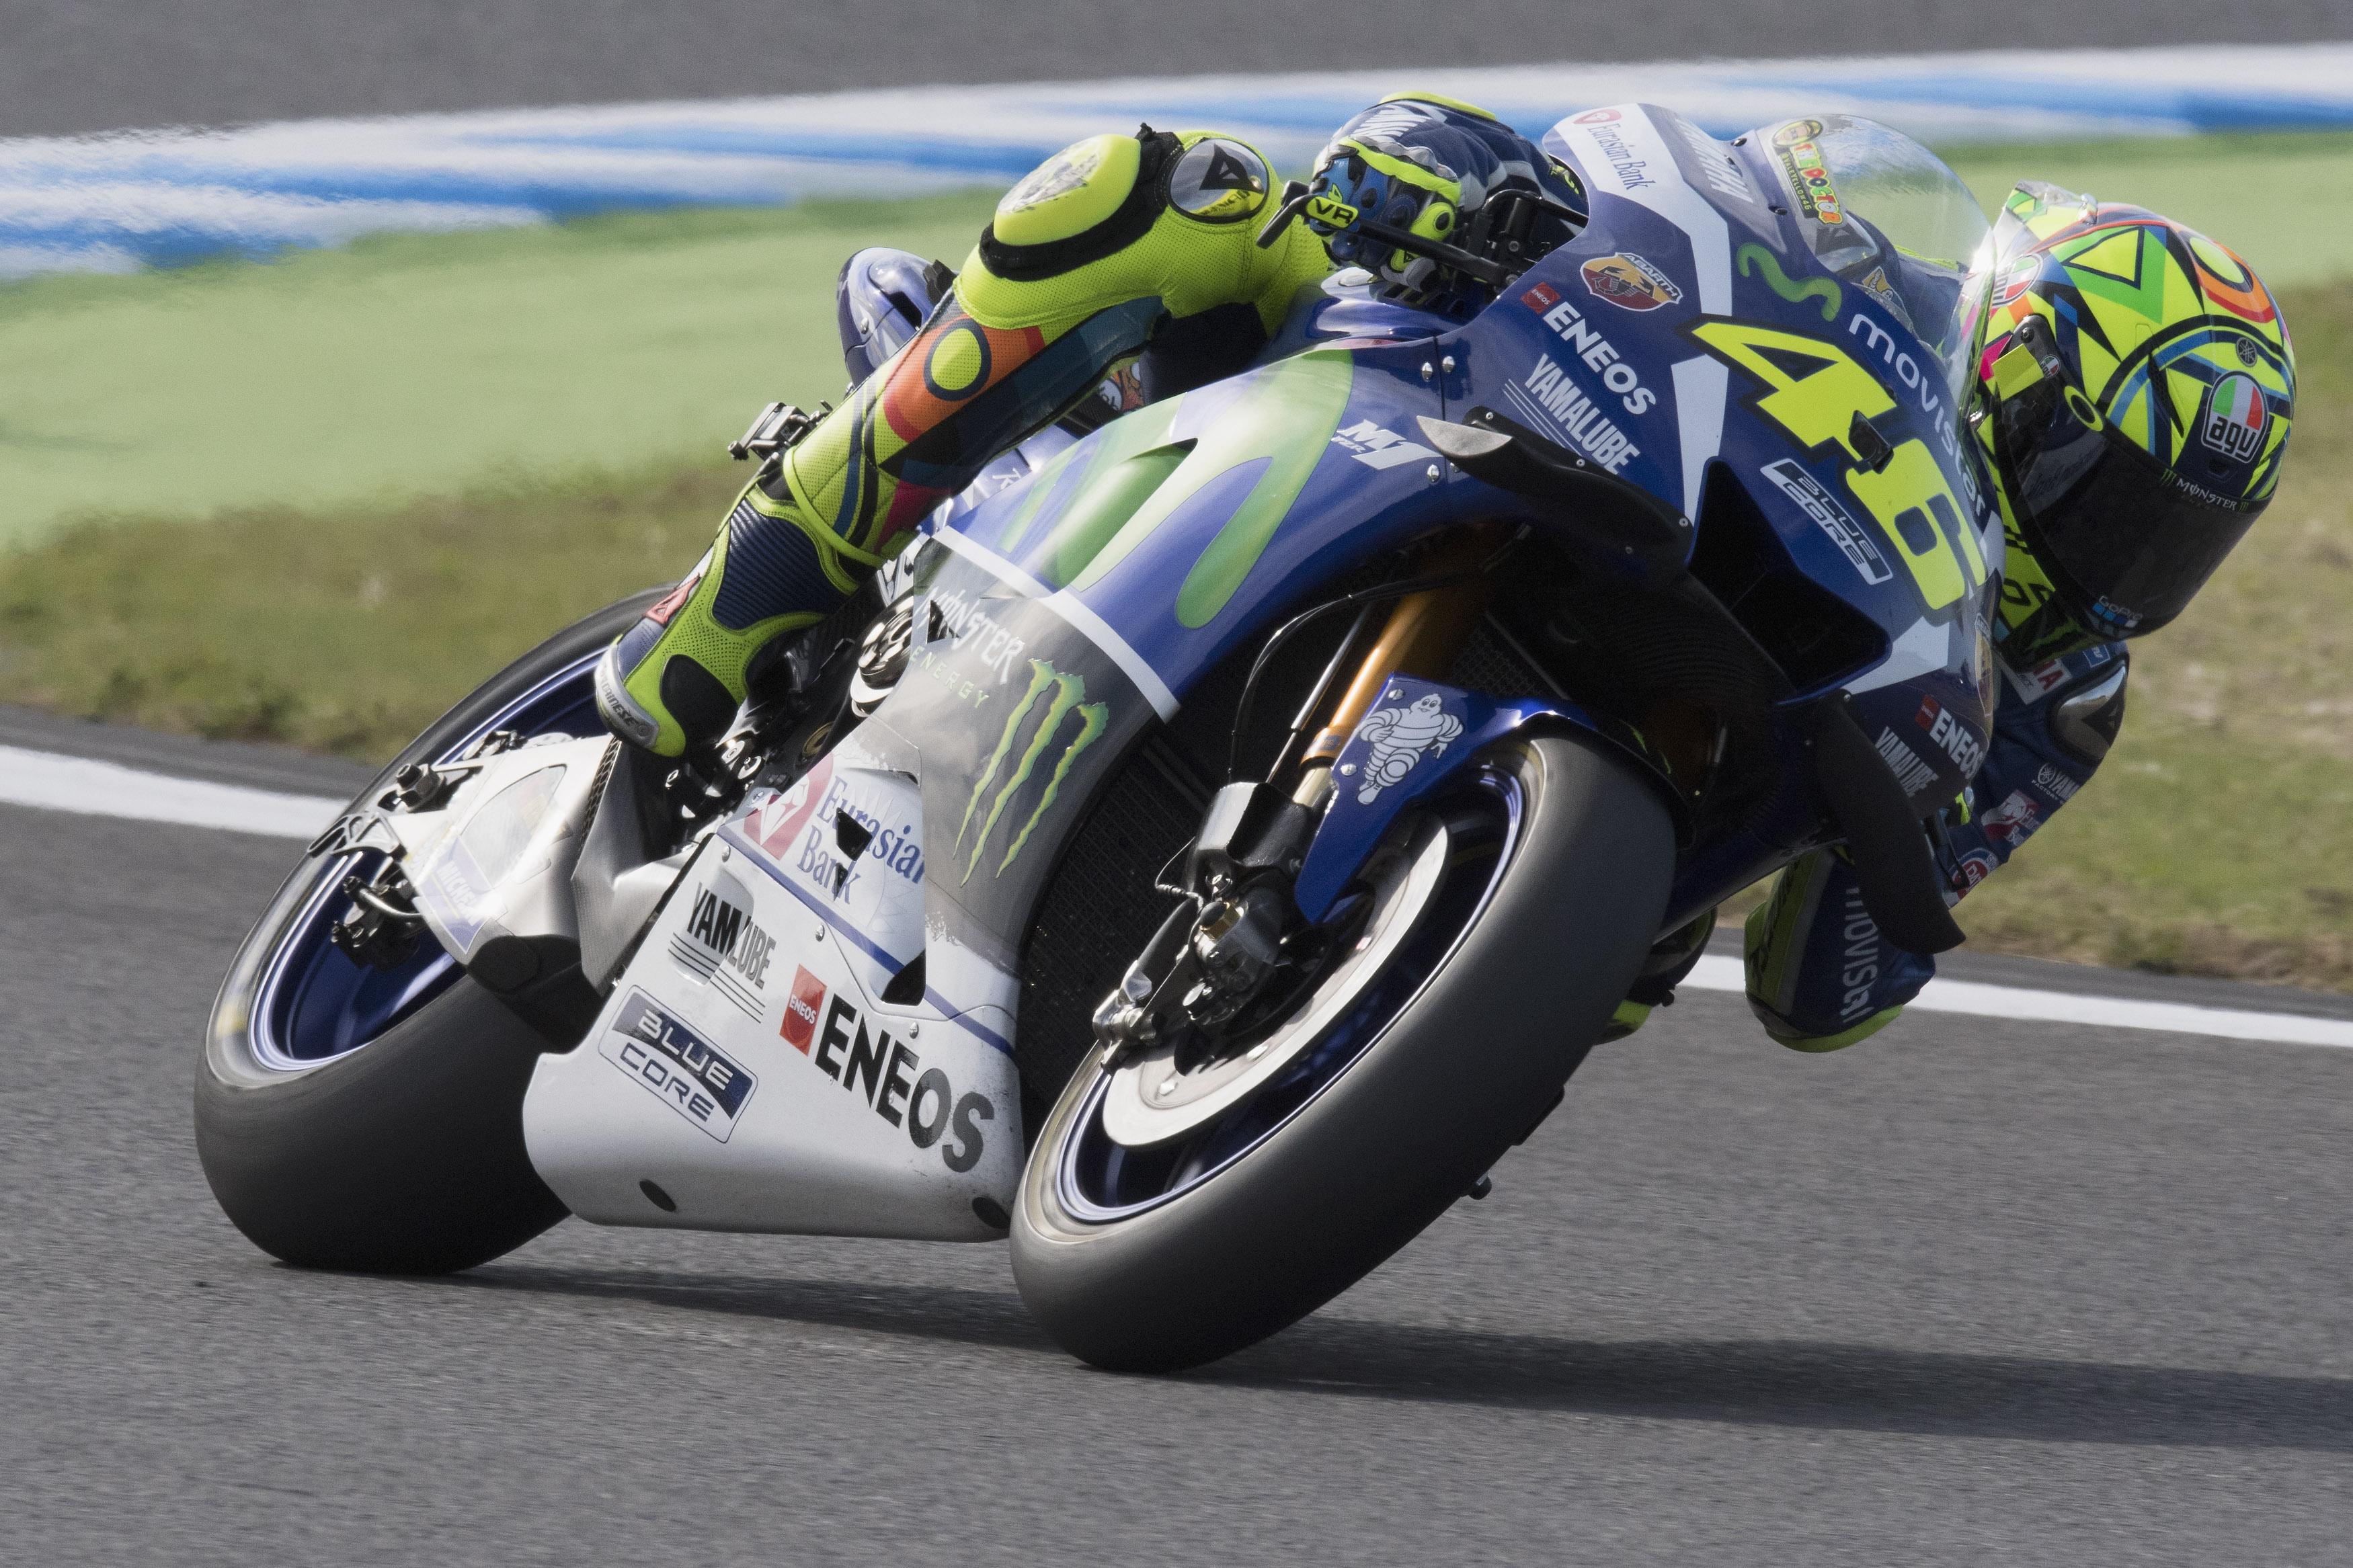 MotoGp, Valentino Rossi conquista la pole in Giappone